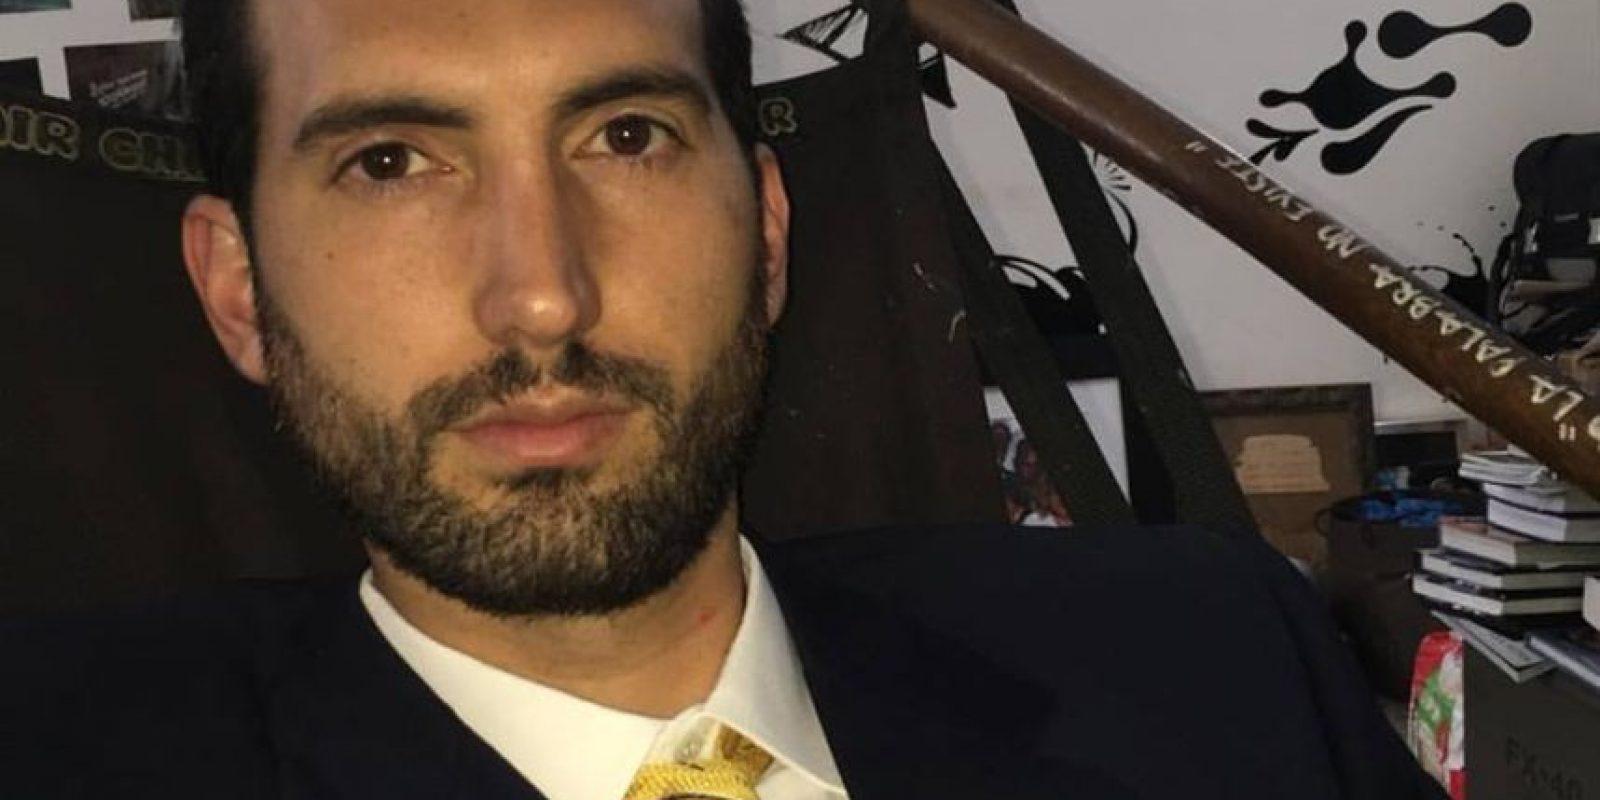 Karim Abu Foto:www.facebook.com/principekarim